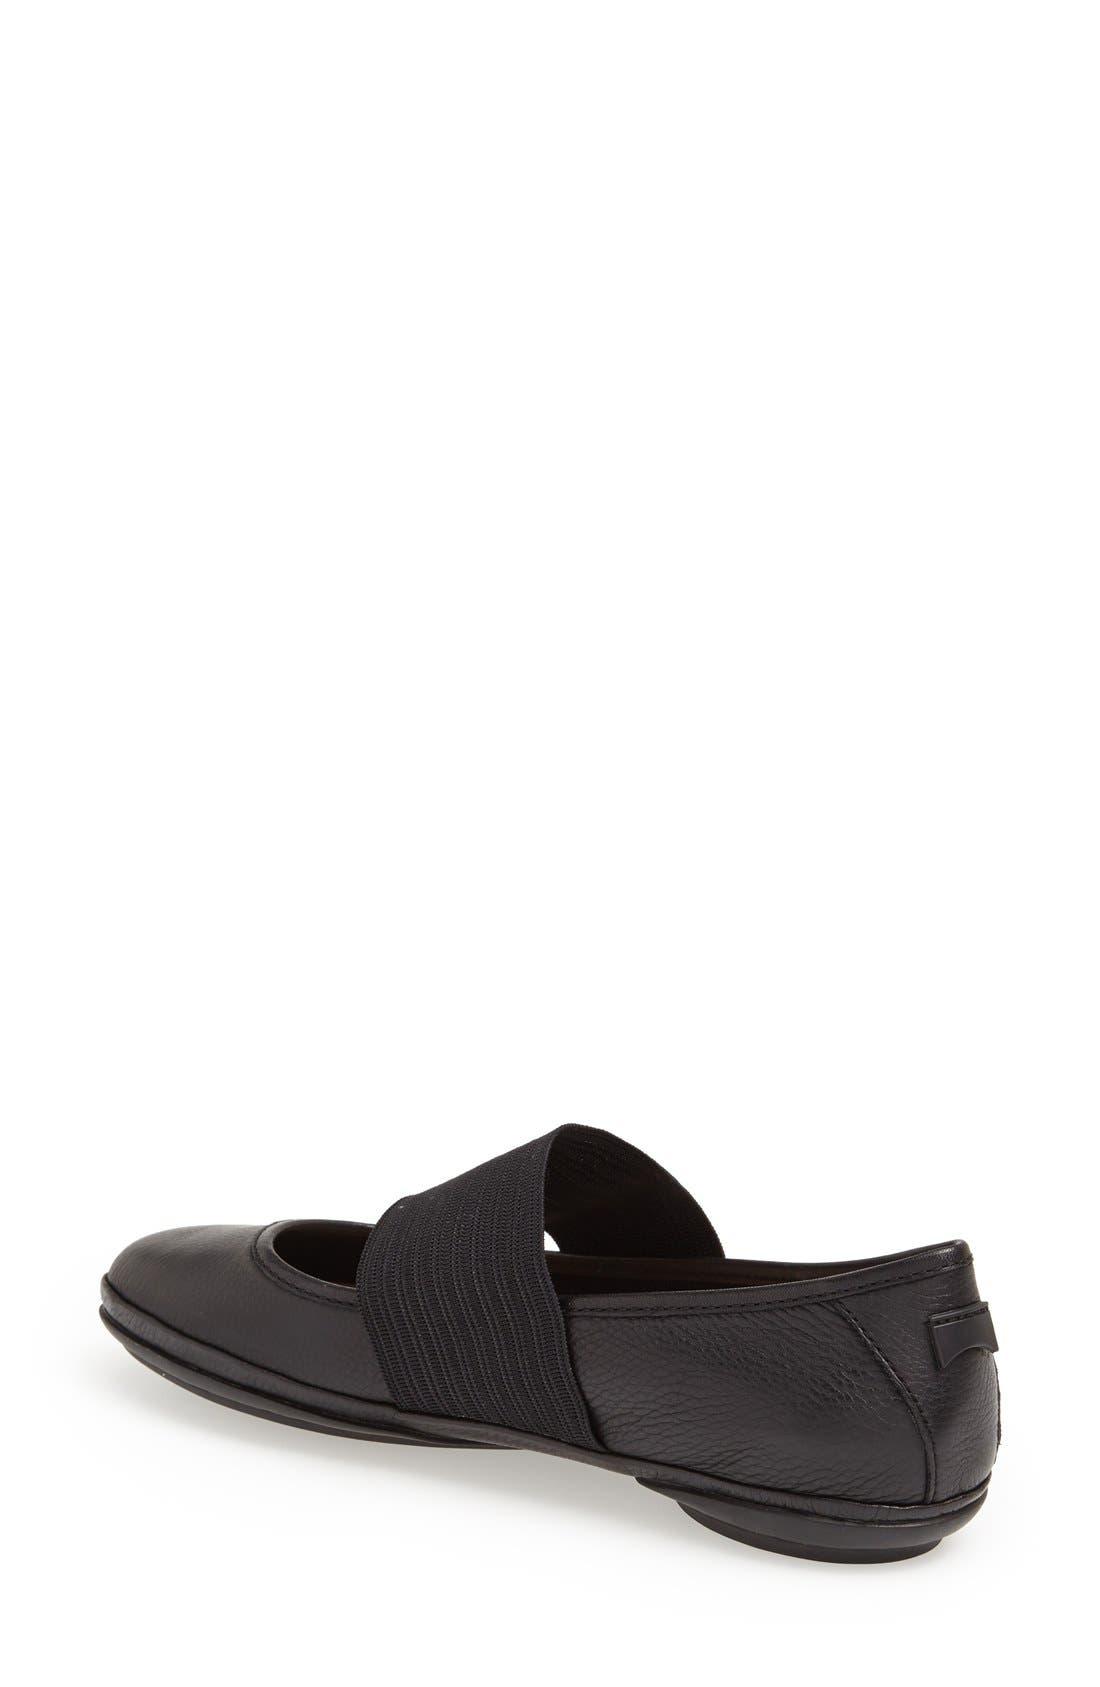 ad72f944c48d Camper Shoes